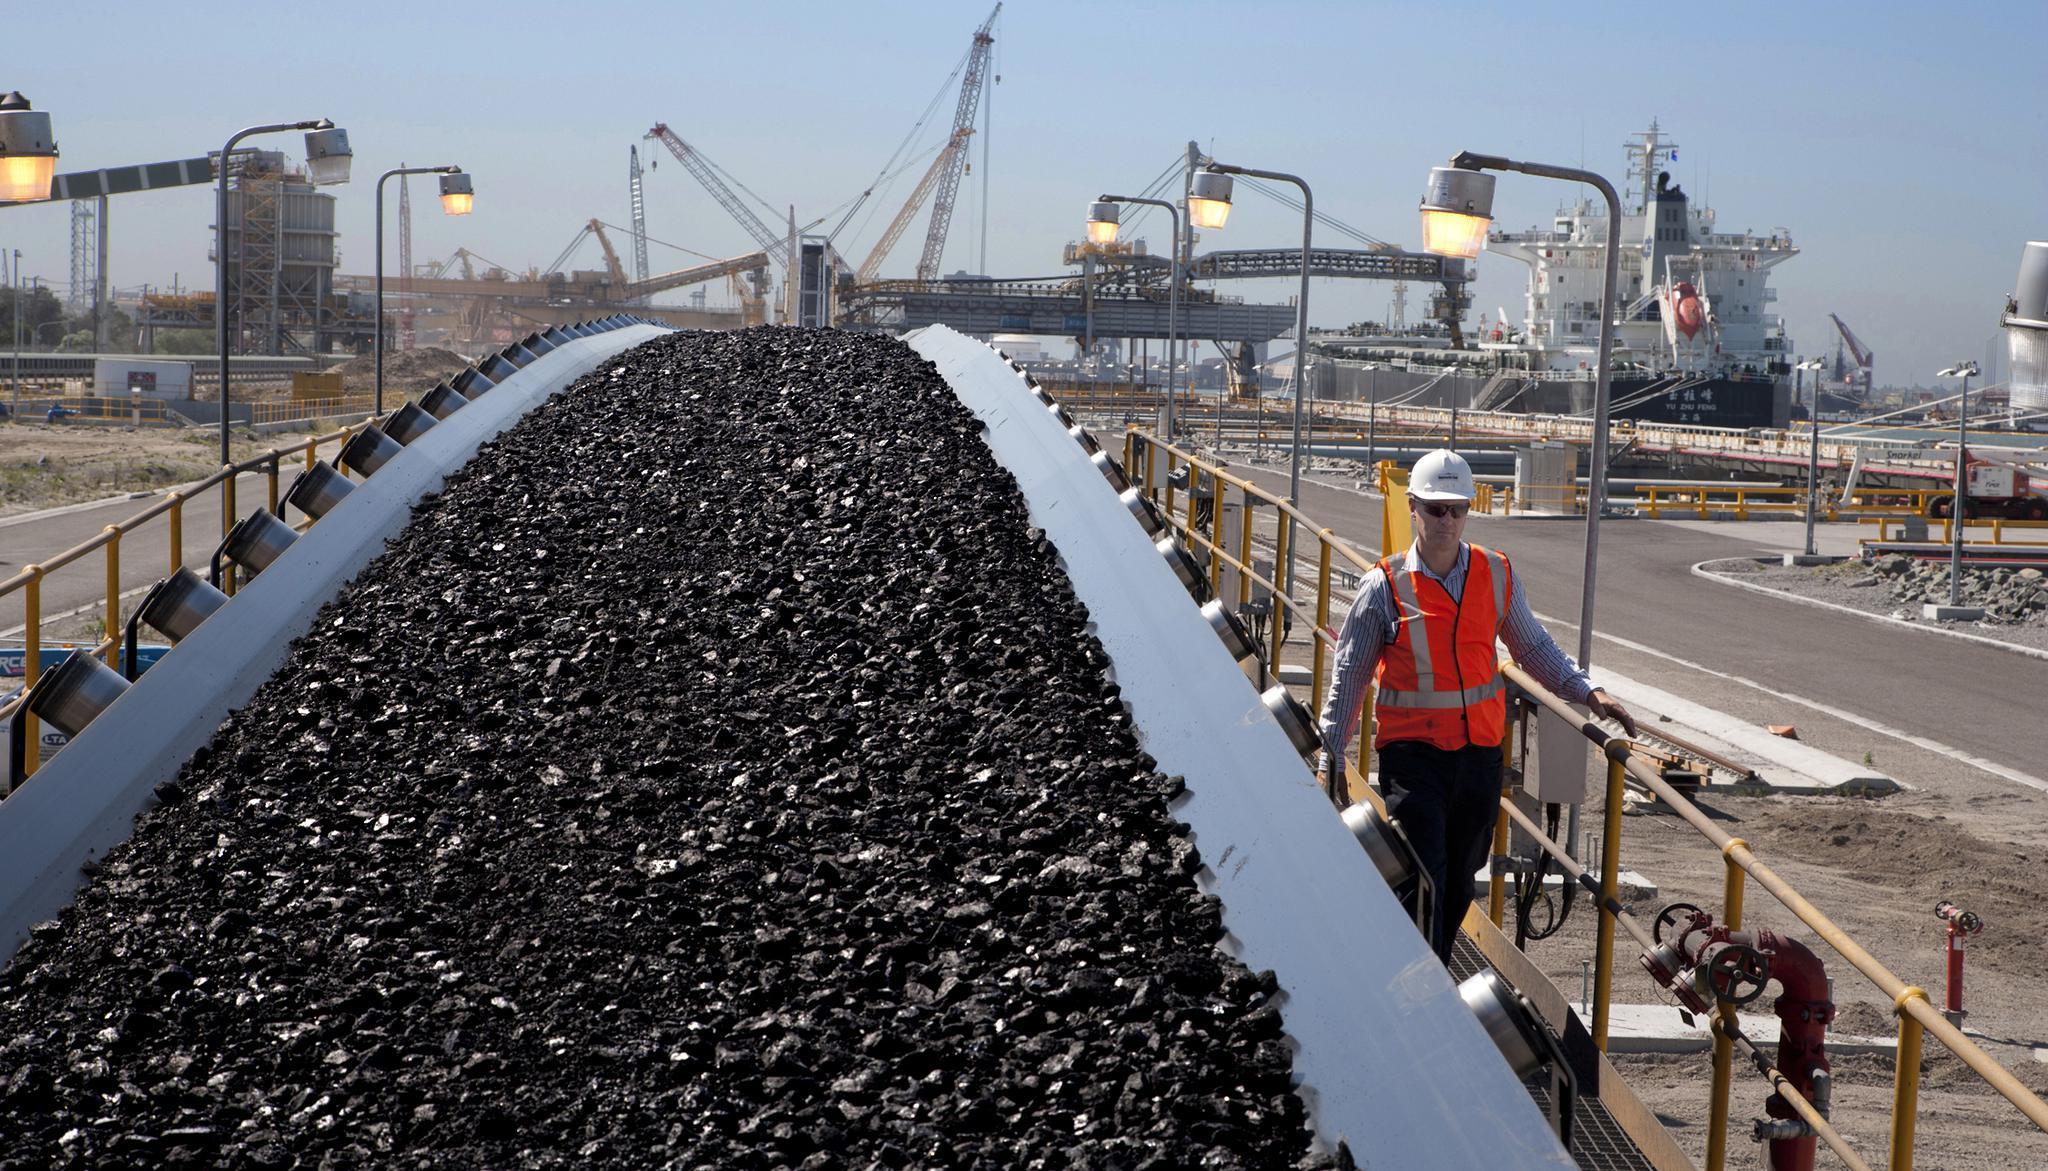 红外应用|红外热像仪为煤矿安全生产提供保障